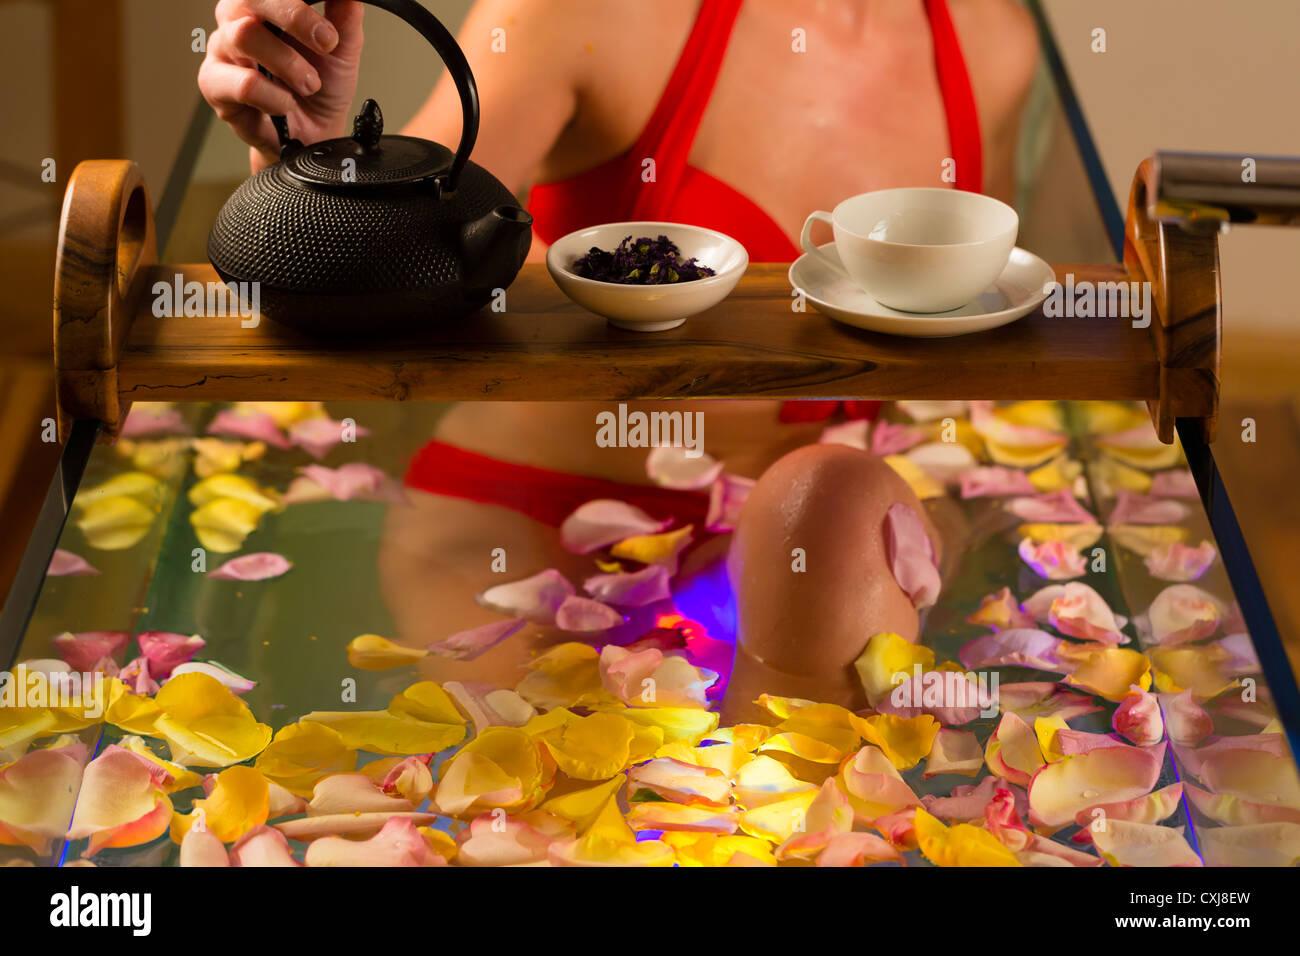 Frau Baden im Spa mit Farbtherapie, die Badewanne ist mit bunten Lichtern, viele Blüten auf Wanne und Tee beleuchtet. Stockbild